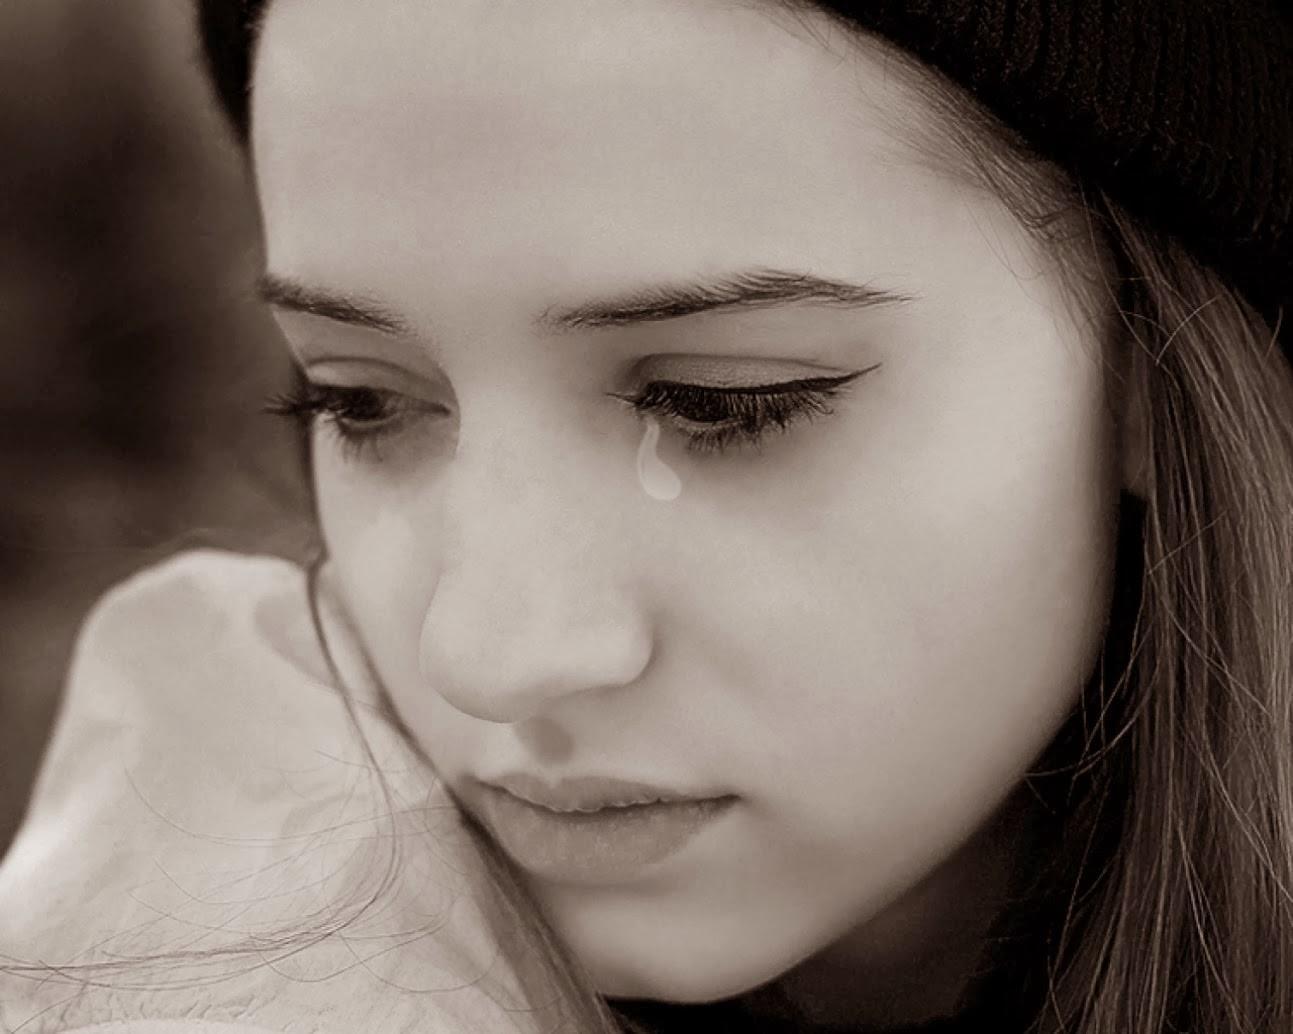 صور صور بنات حزين , شاهد اروع صور البنات الجميلة والحزينة